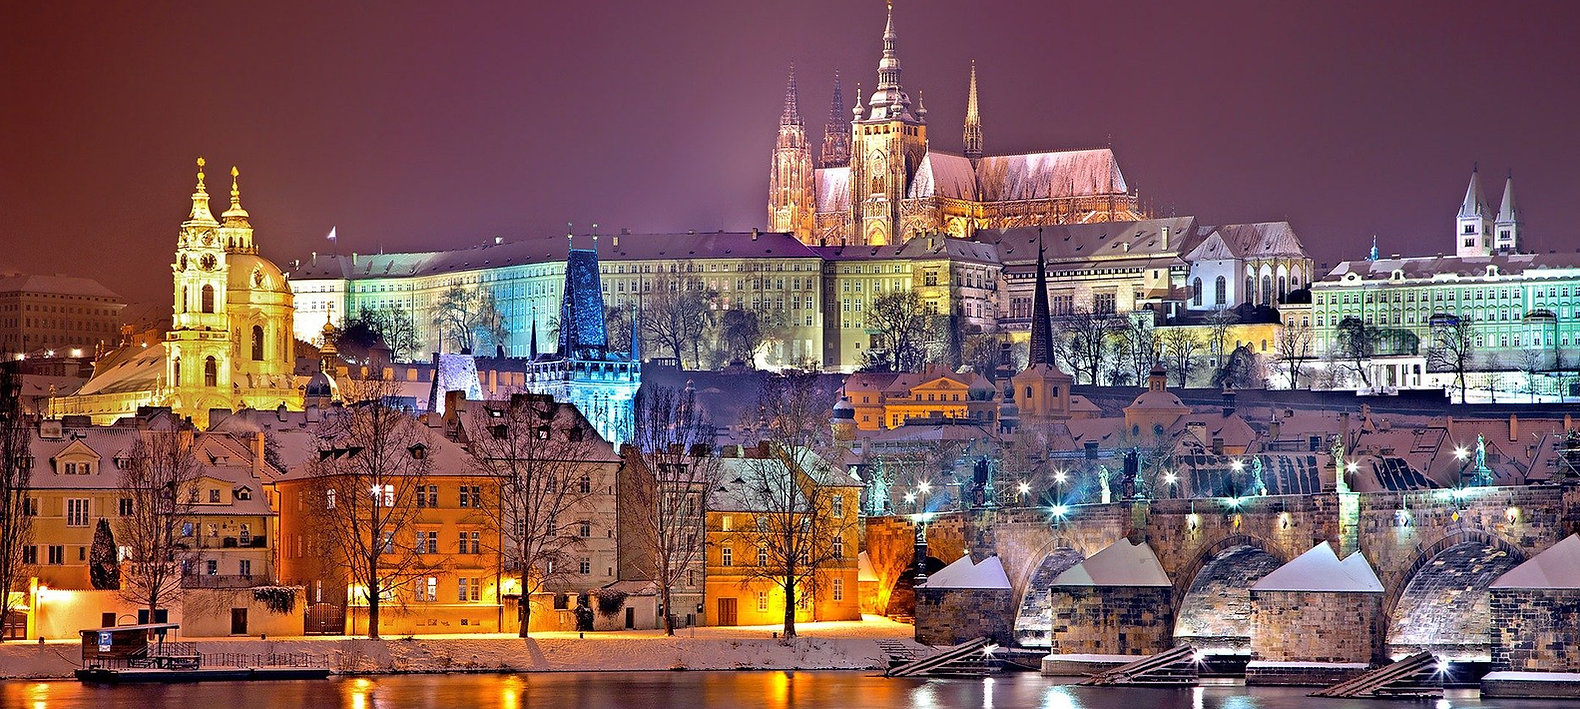 Prag, historische Altstadt - Städtereisen - Kurzurlaub in Europa | Anders reisen, alternative Reisen, Reisetrends, außergewöhnliche Reisen, exklusive Reisen